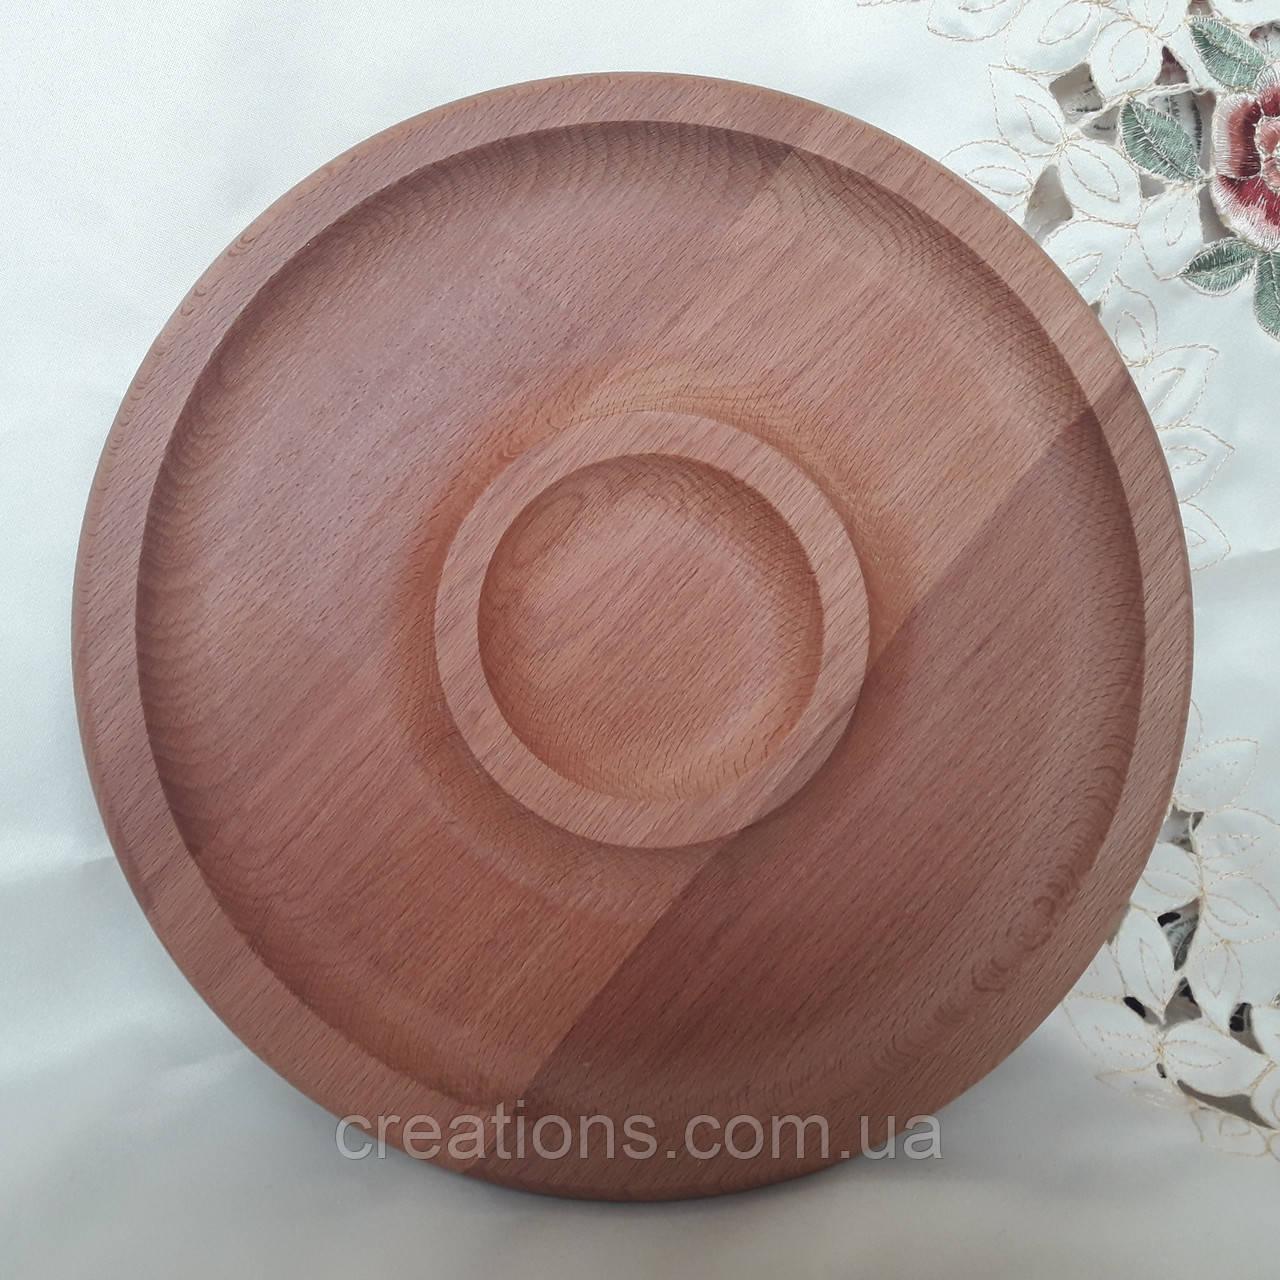 Менажница деревянная 34 см. круглая с соусницей из бука БМ-47